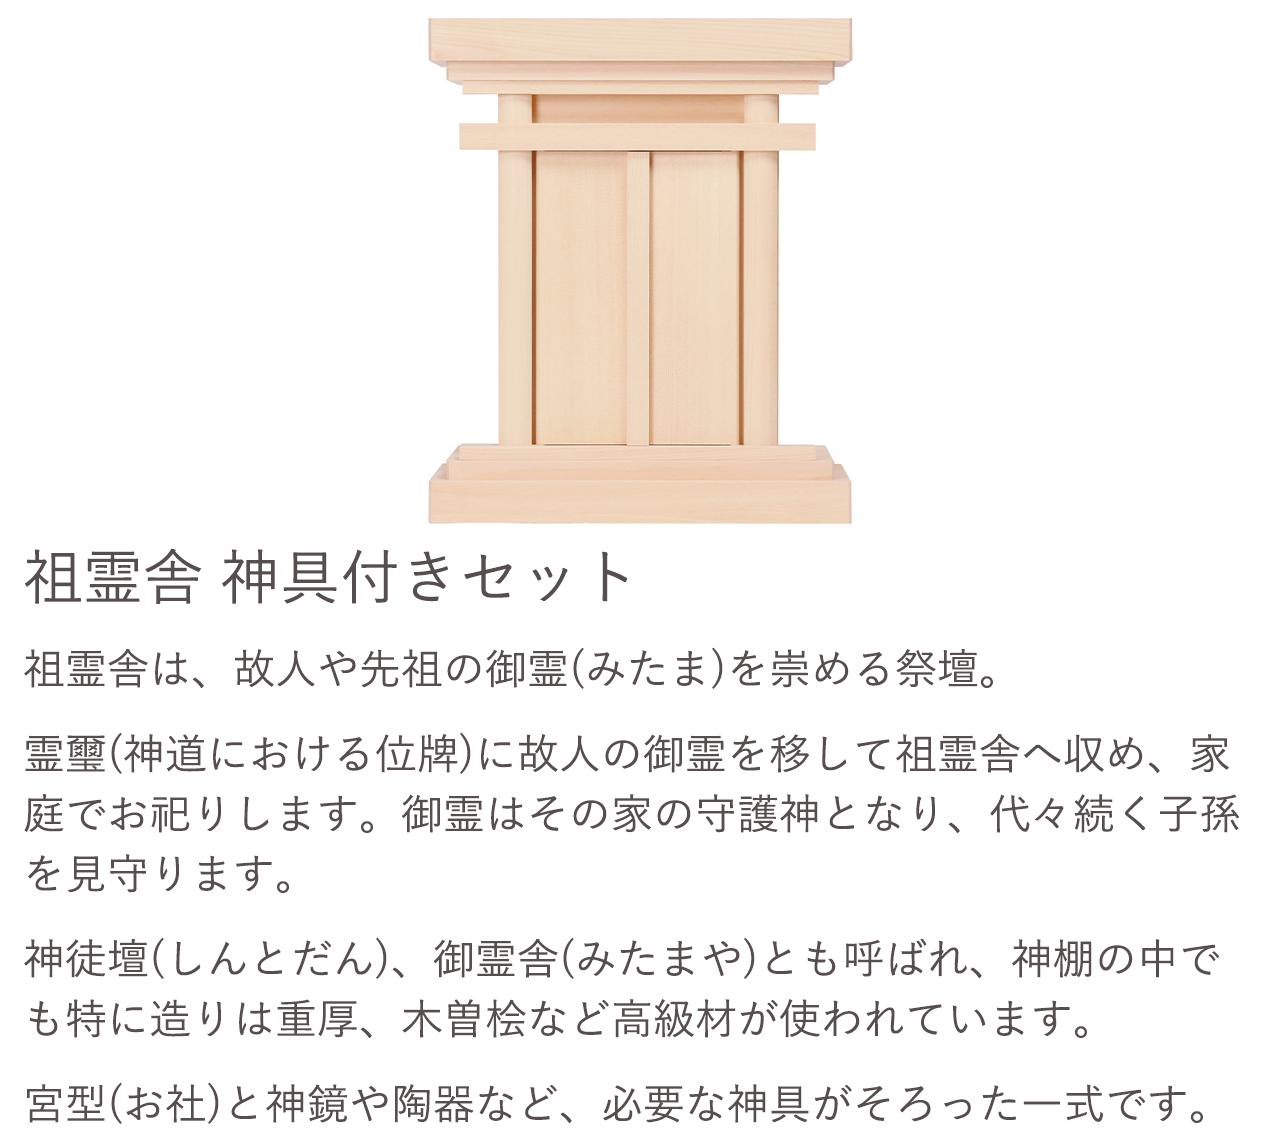 祖霊舎 神具付きセット。祖霊舎は、故人や先祖の御霊(みたま)を崇める祭壇。宮型(お社)と神鏡や陶器など、必要な神具がそろった一式です。